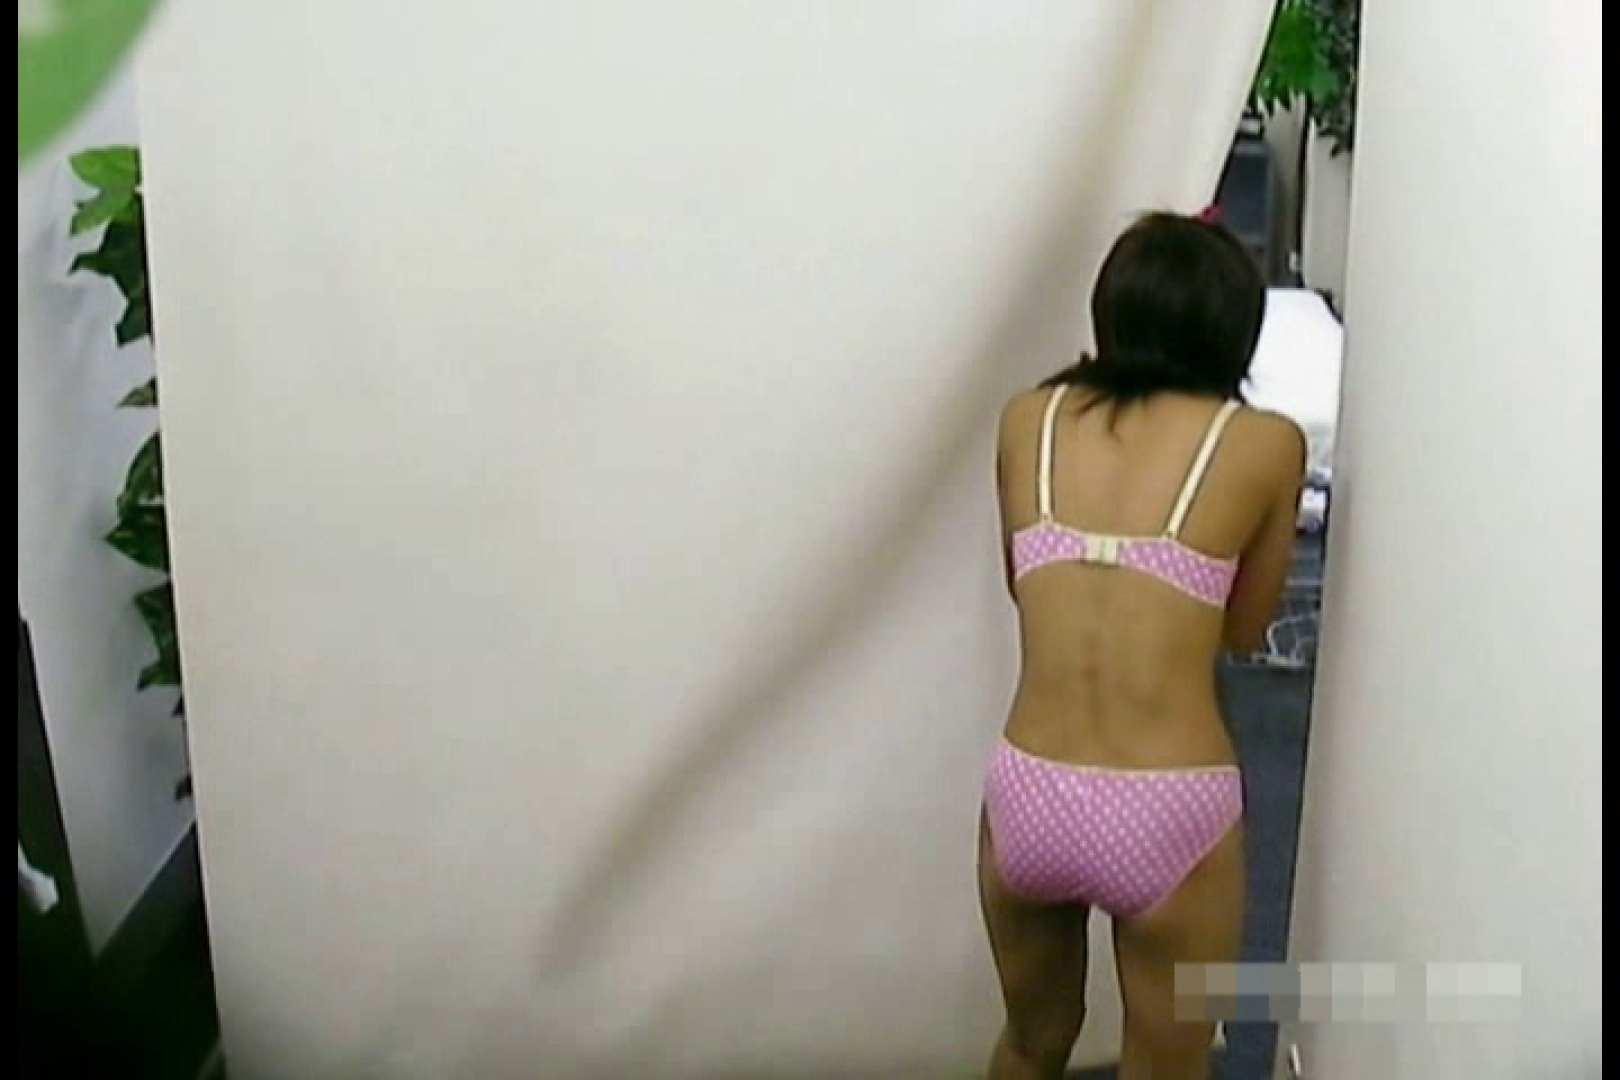 素人撮影 下着だけの撮影のはずが・・・エミちゃん18歳 水着   盗撮  103画像 17